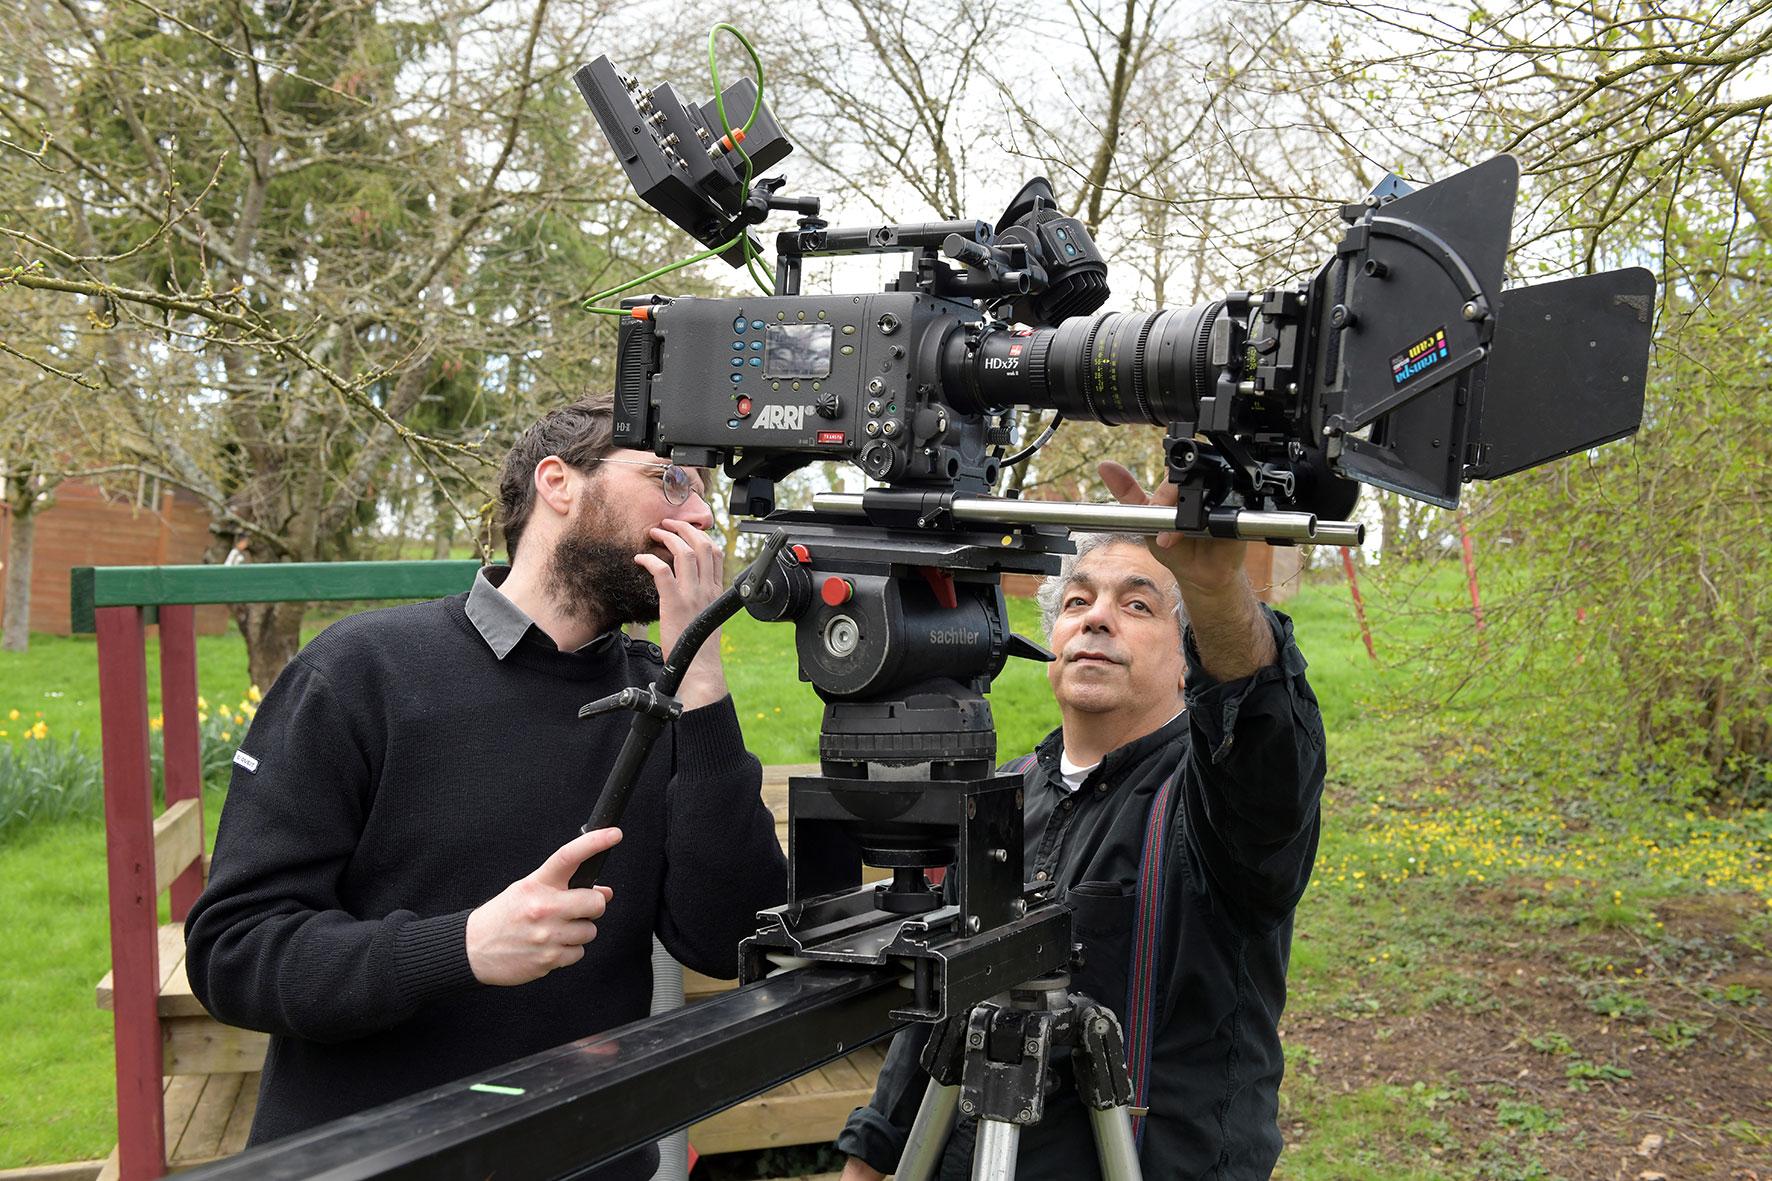 Formation Réalisation, Bertrand Basset et Pierre Souchar, chef opérateur image @ Emmanuel Madec